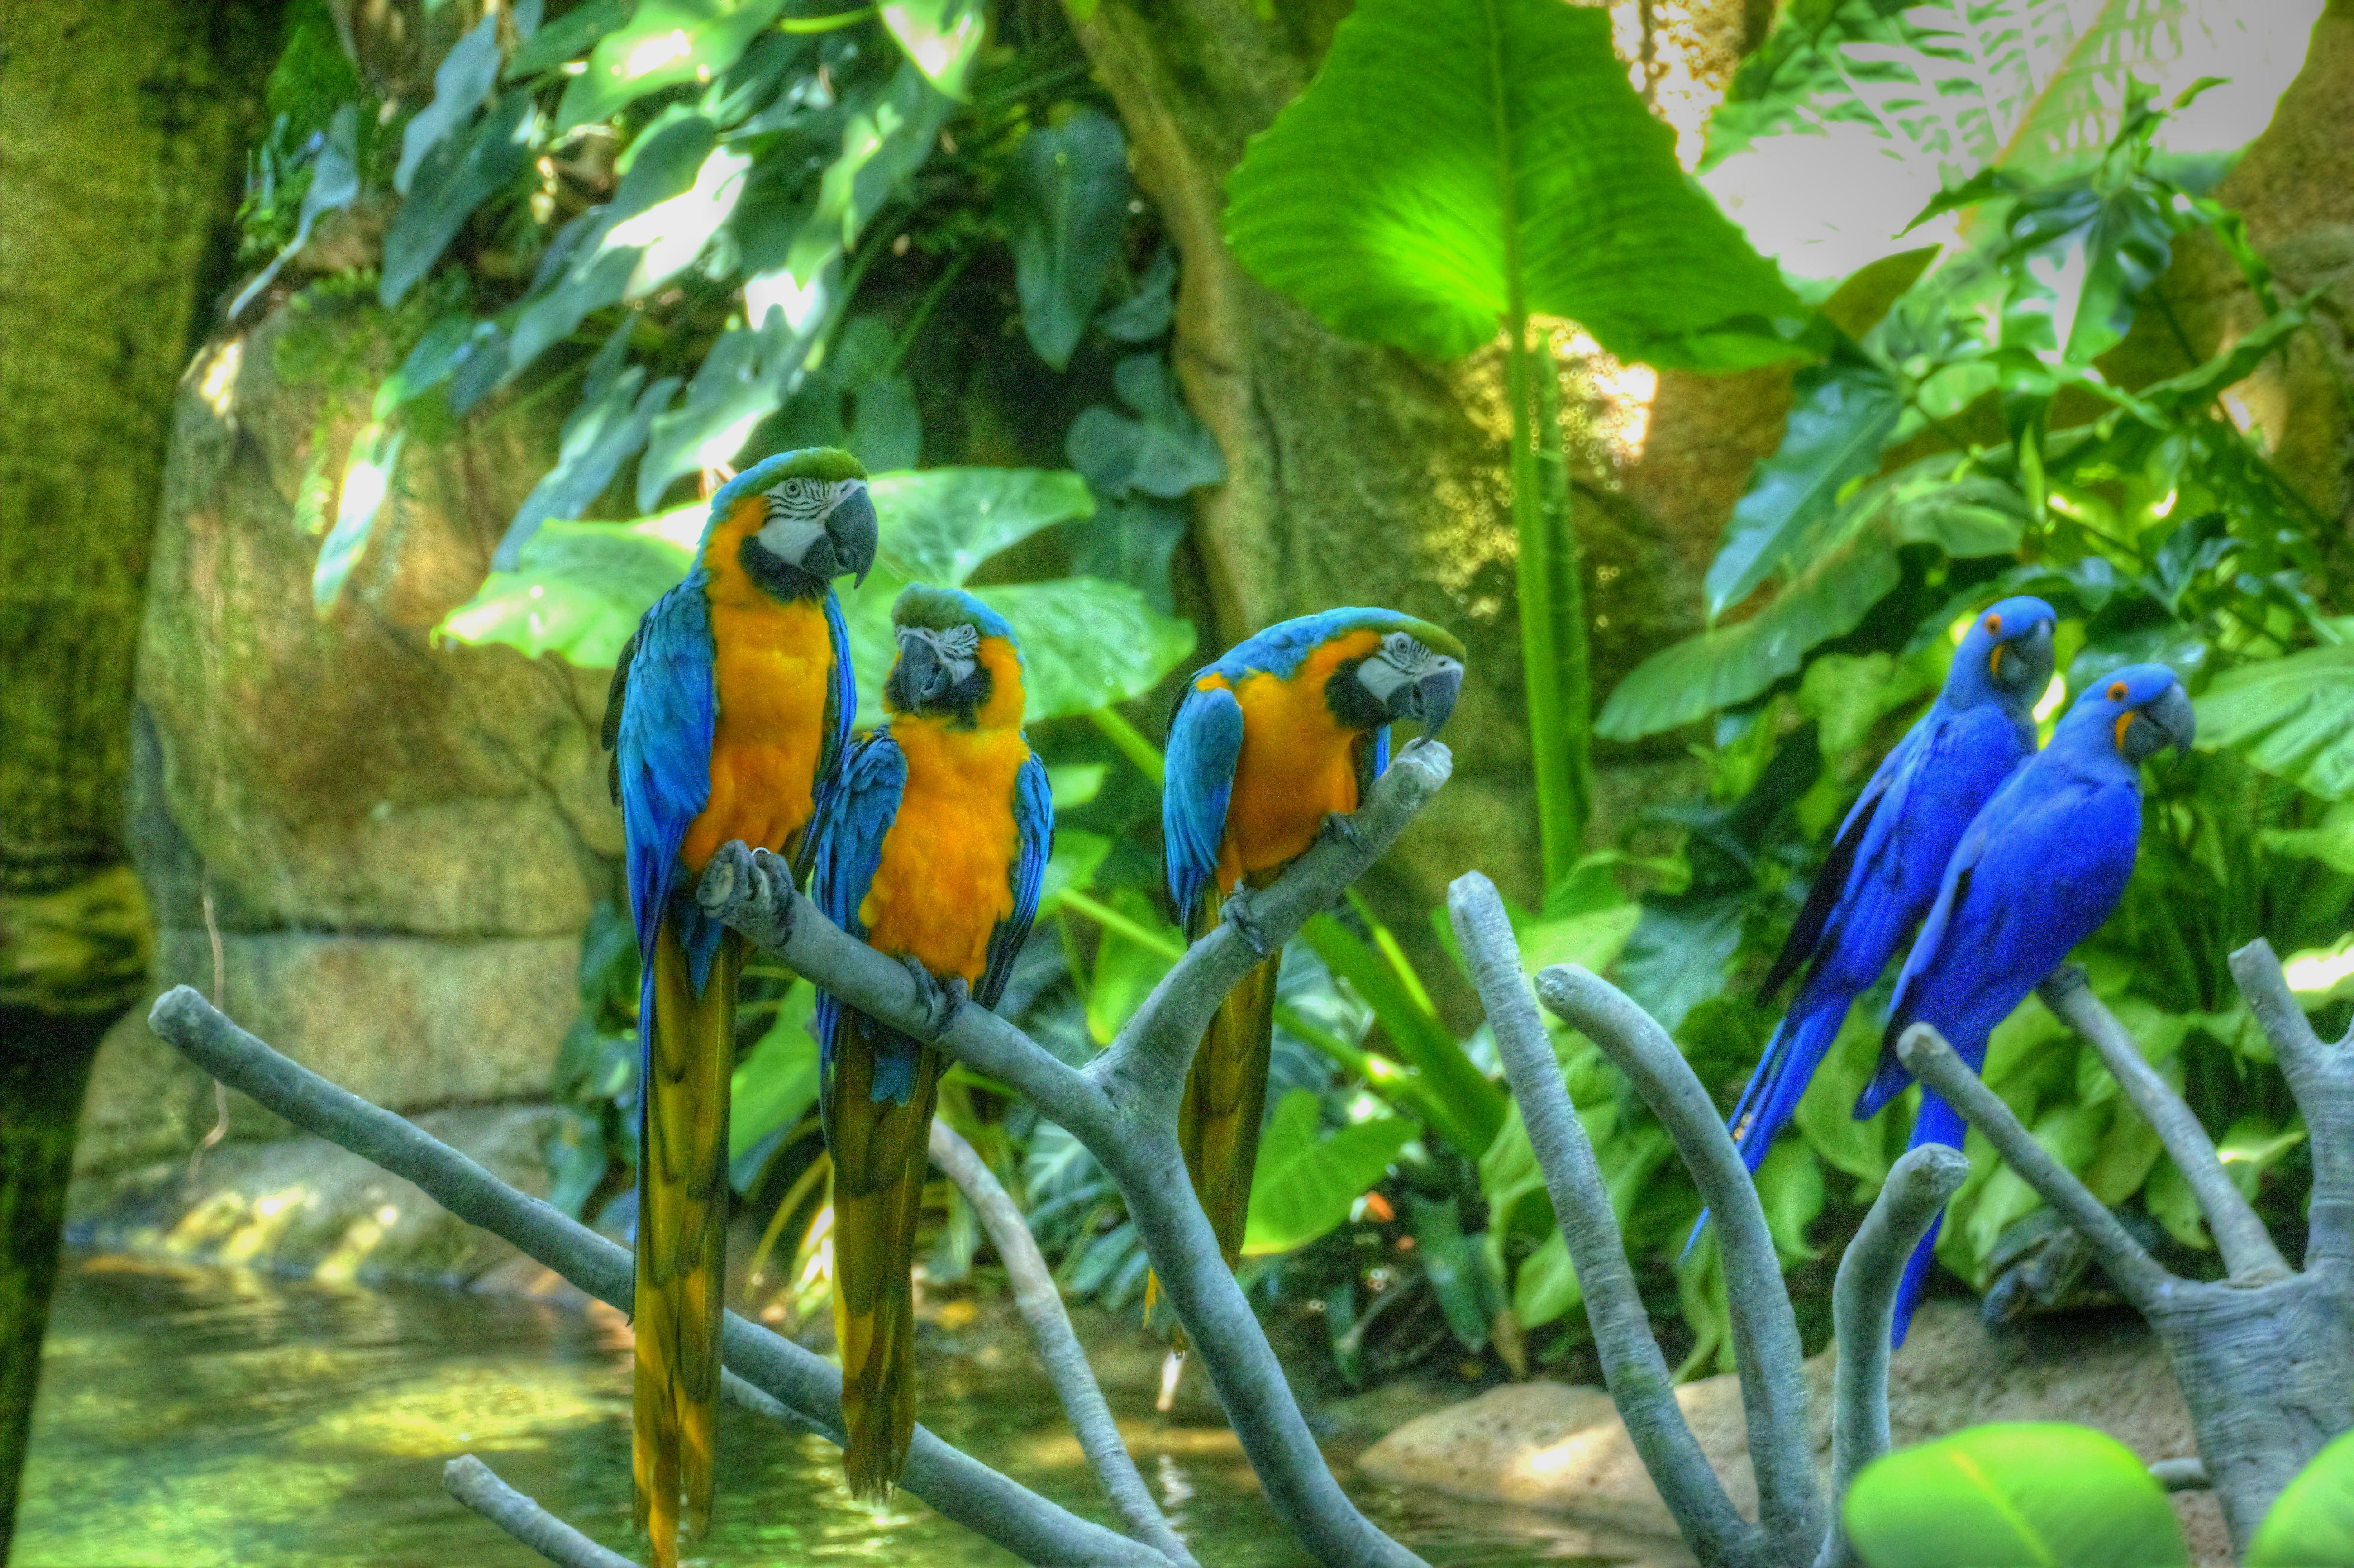 File:Parrots, Moody Garden, Galveston, Texas (6151937580)